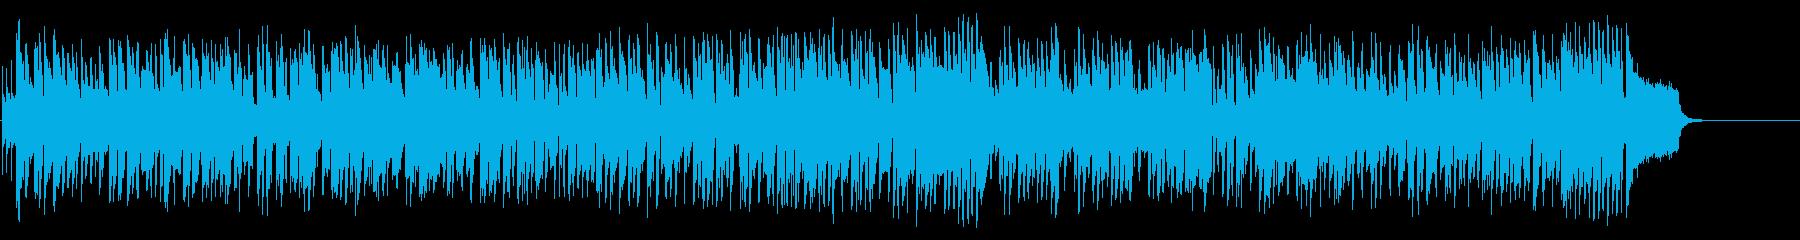 サックスによる淡々と前進するようなポップの再生済みの波形